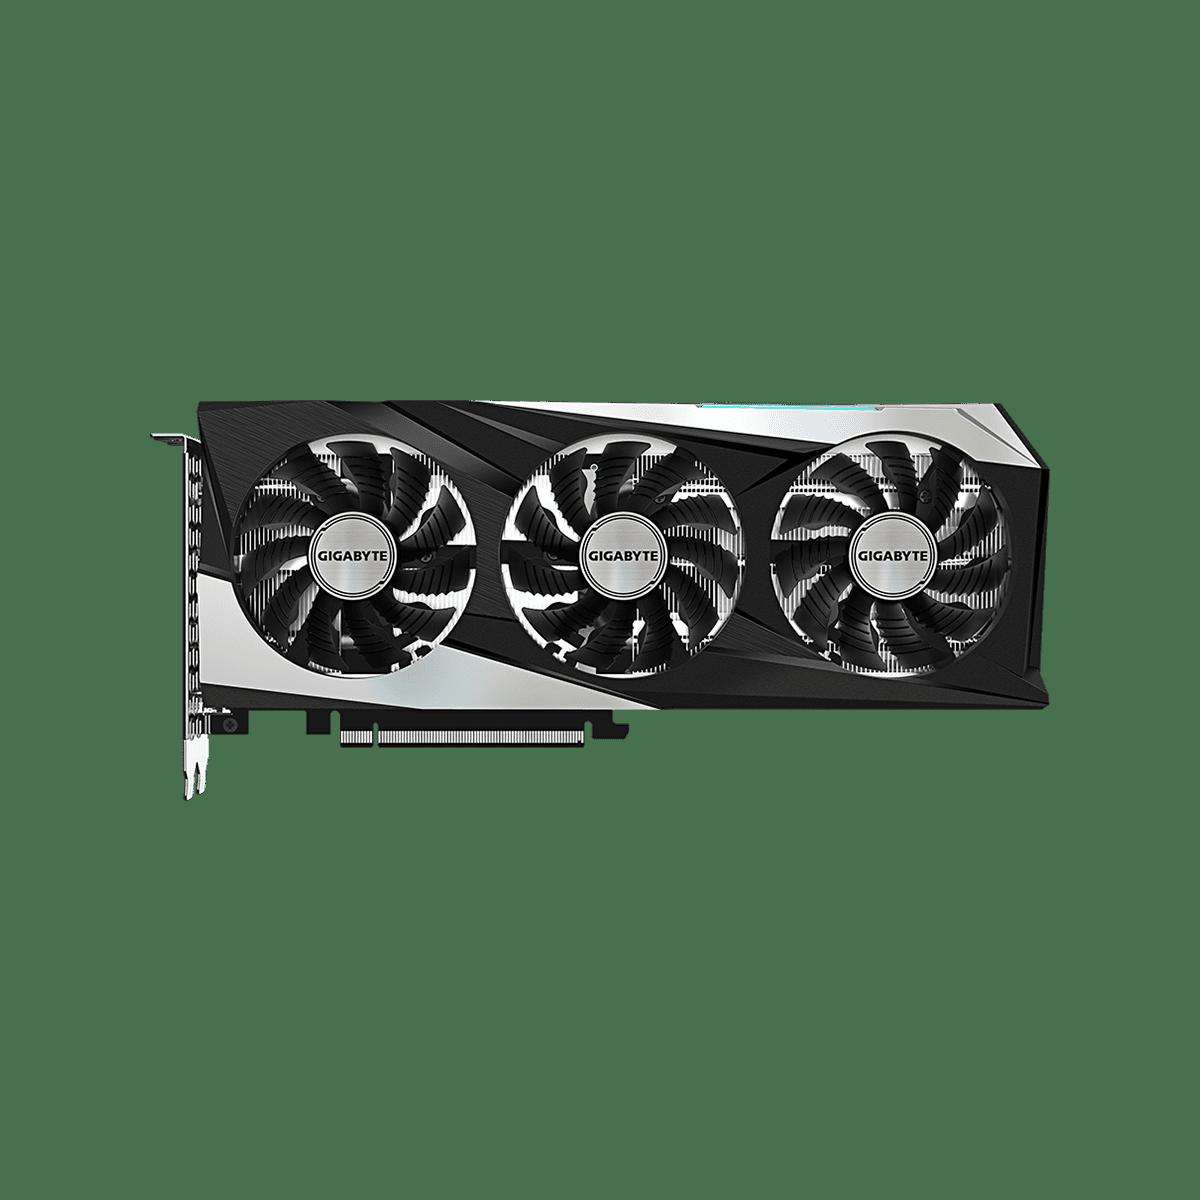 G ZERO (Mid 2021) / 750Wモデル